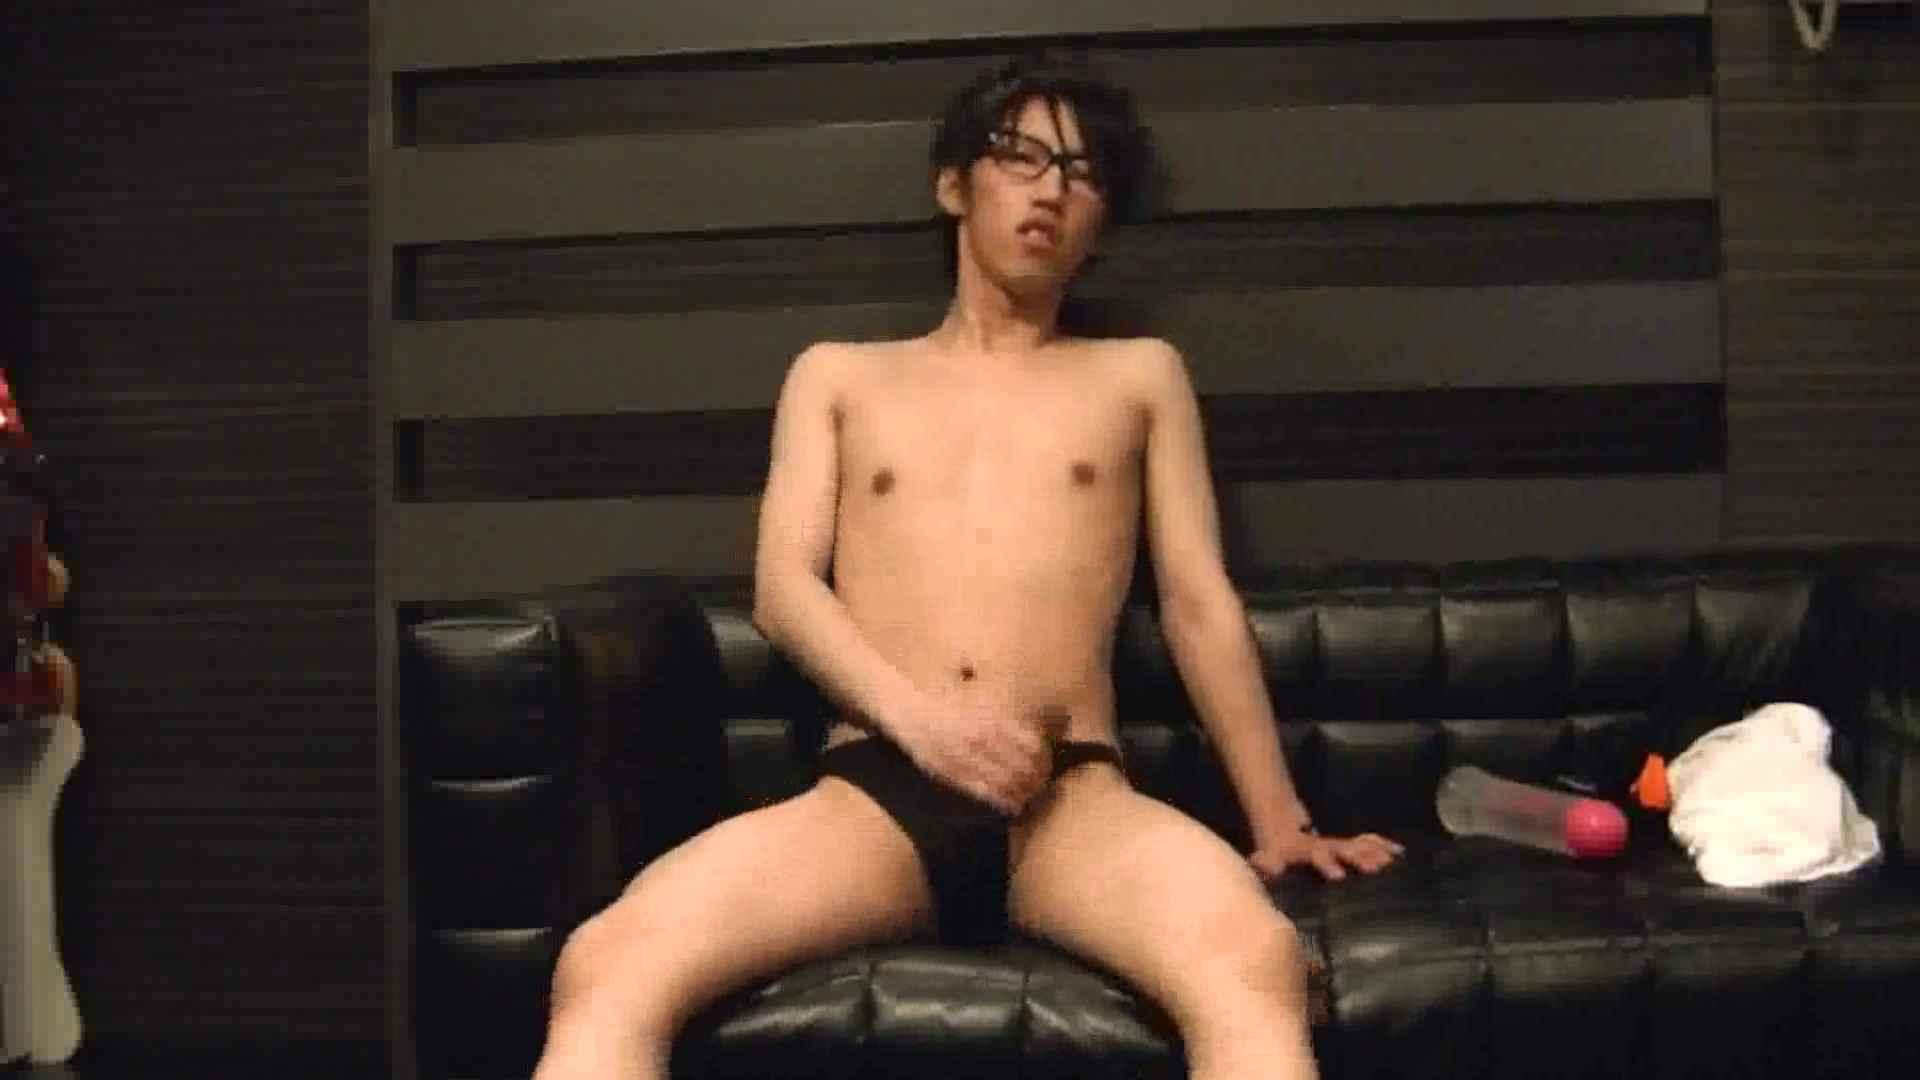 ONA見せカーニバル!! Vol3 ゲイのオナニー映像  103枚 54